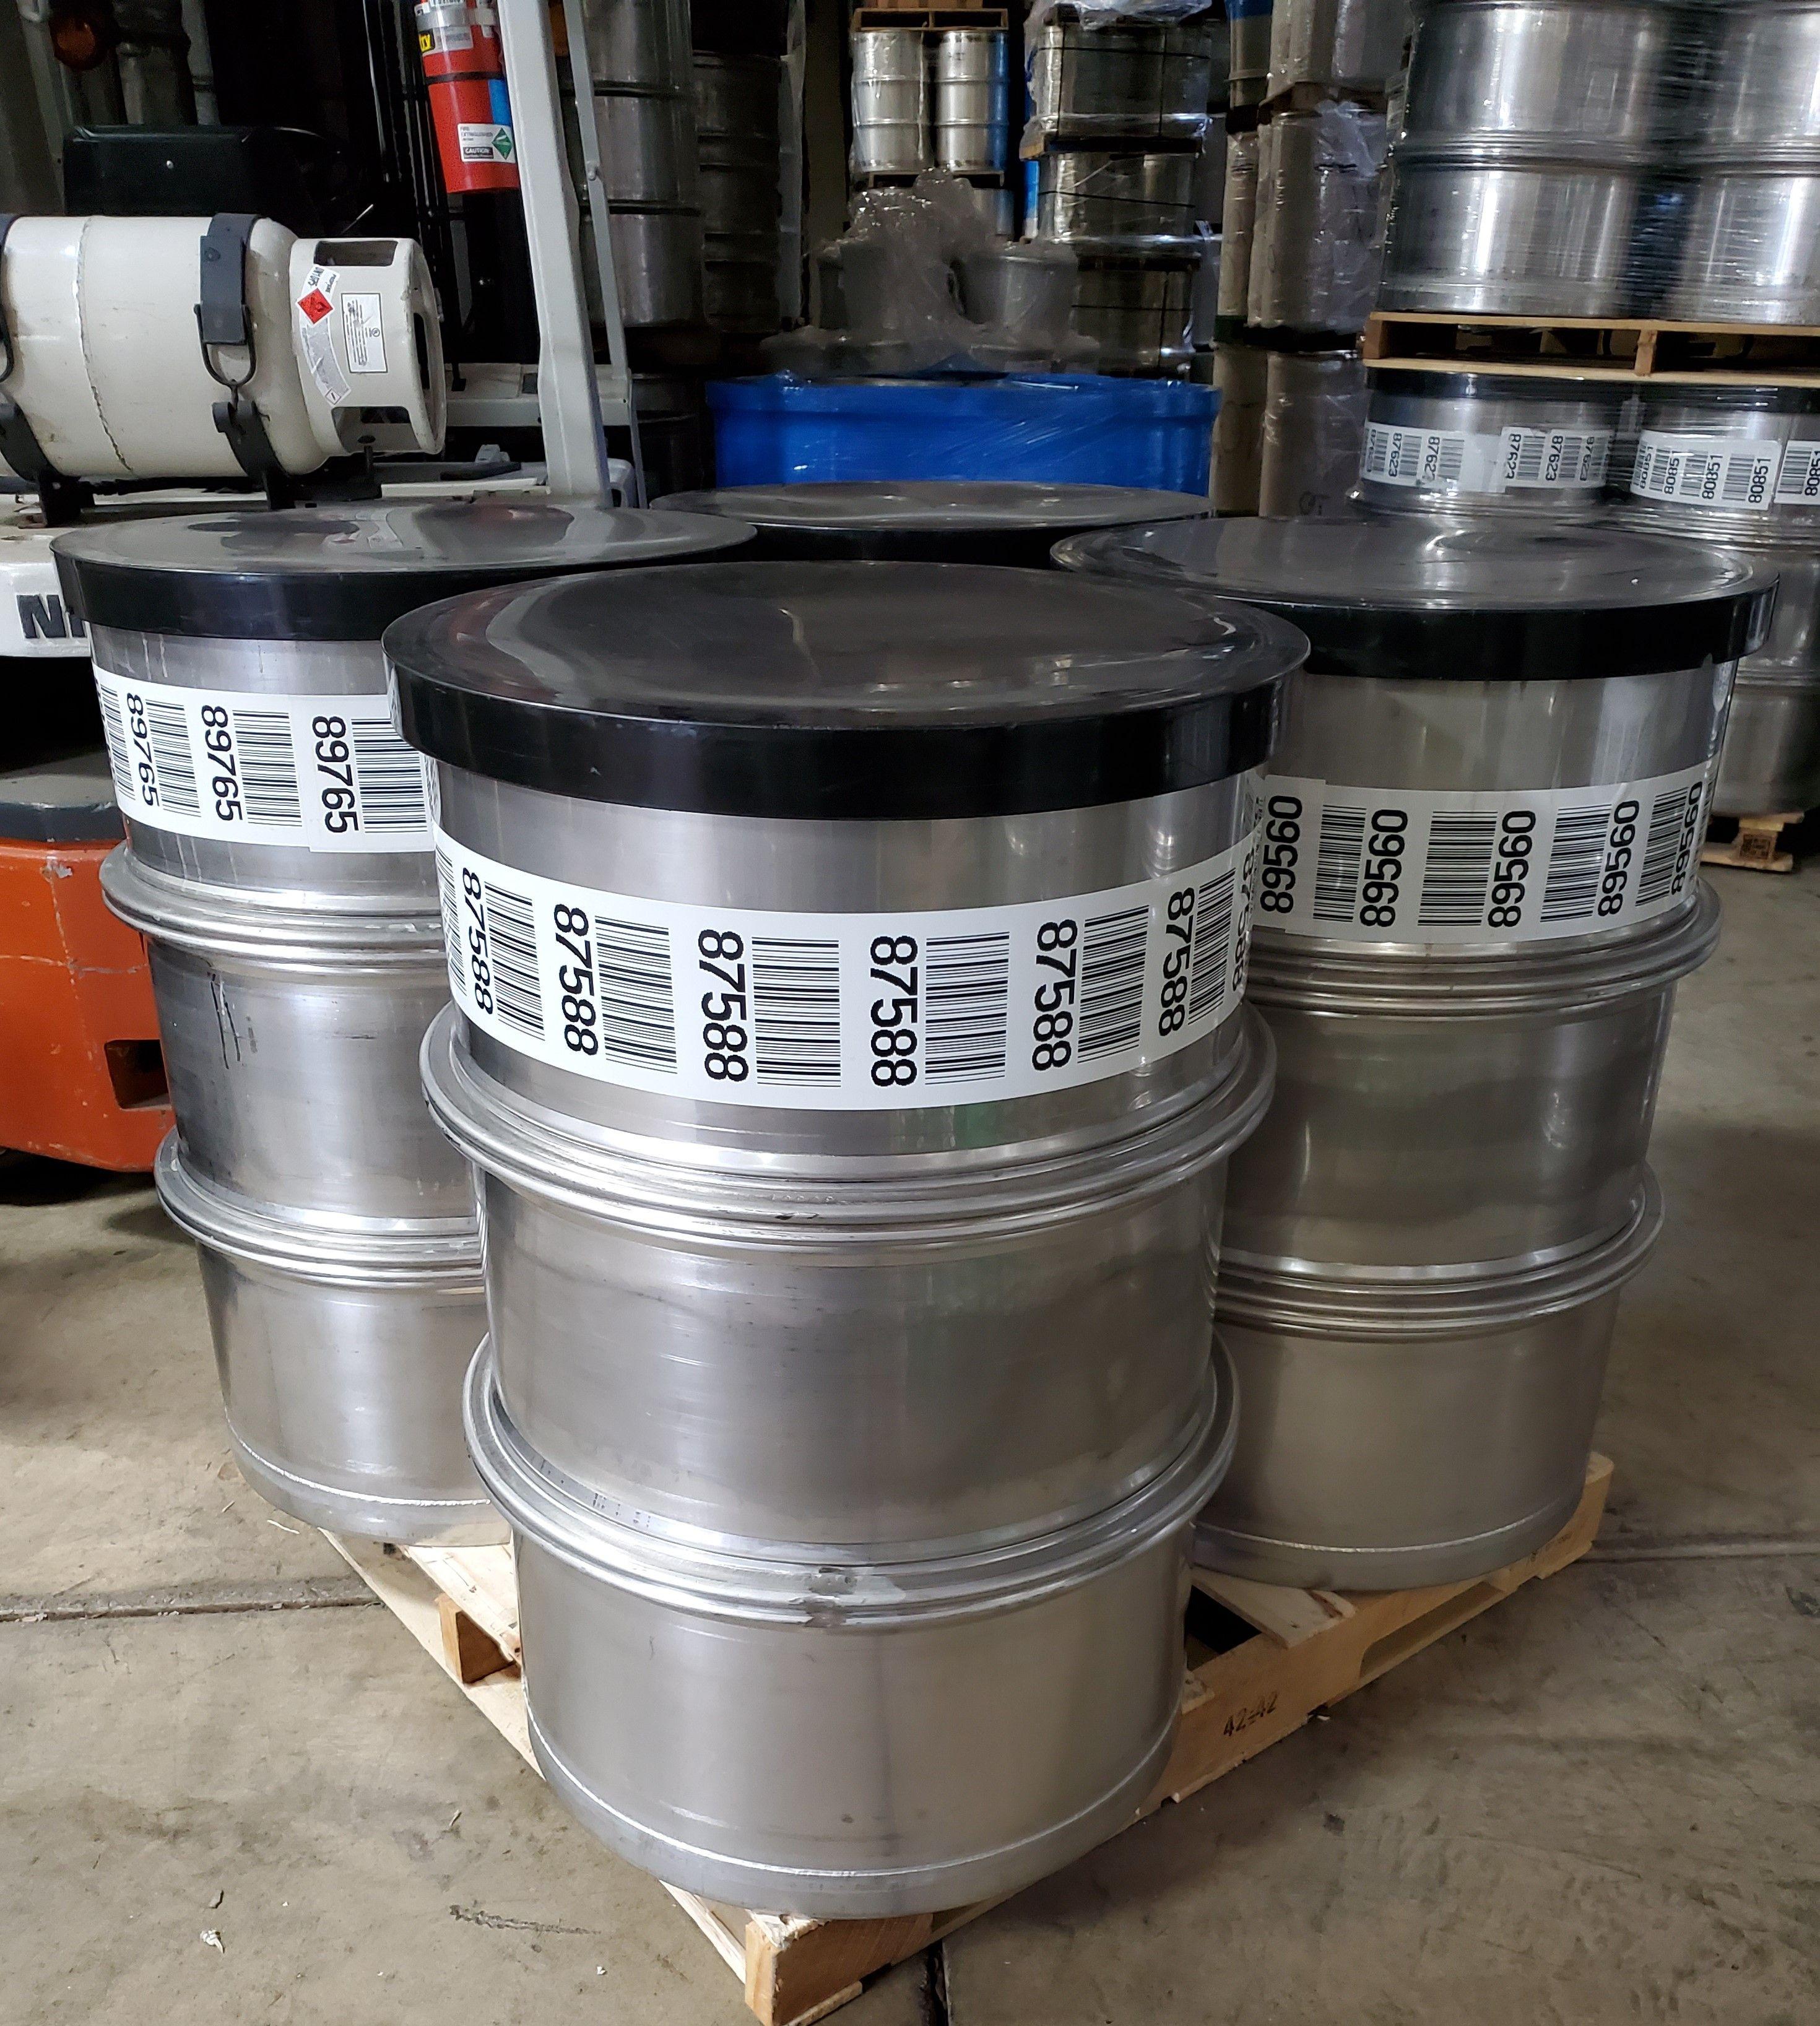 55 Gallon Used Stainless Steel Barrel Open Head In 2020 Steel Barrel Stainless Steel Accessories Stainless Steel